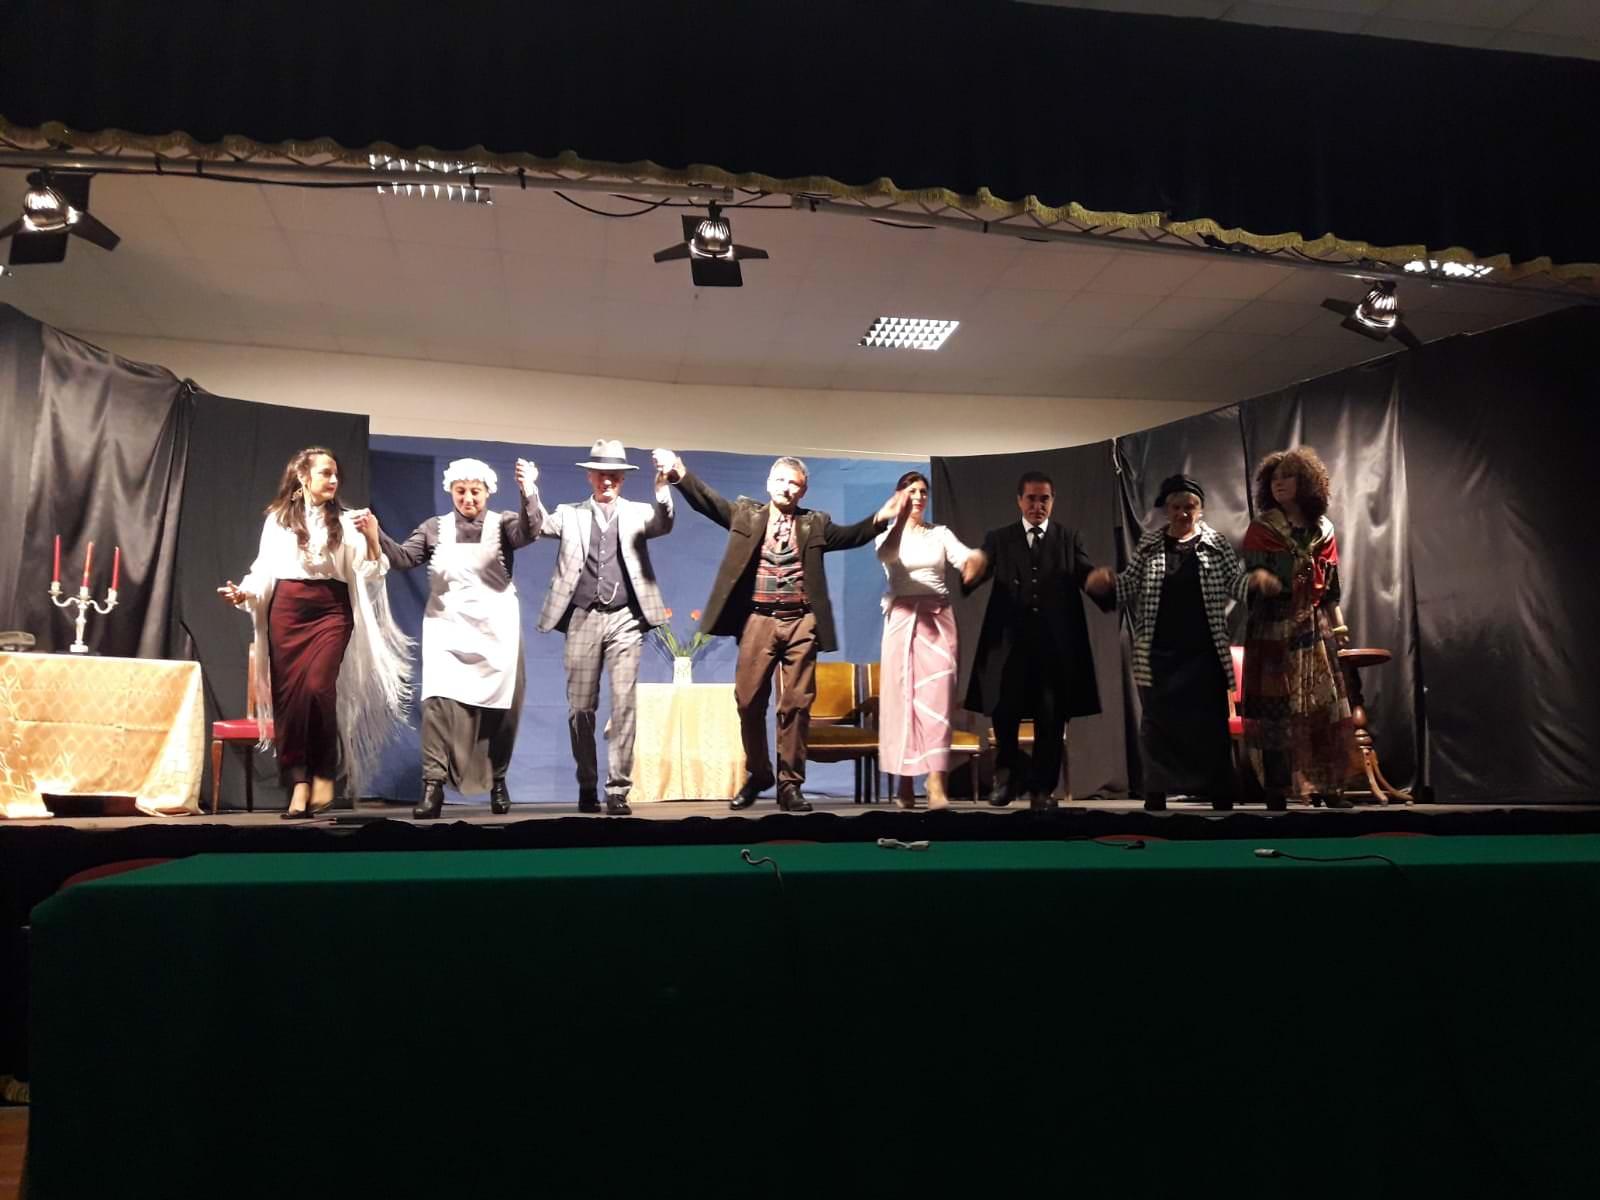 Progetto formativo legato all'arte: al M. Rapisardi di Paternò si impara con il teatro